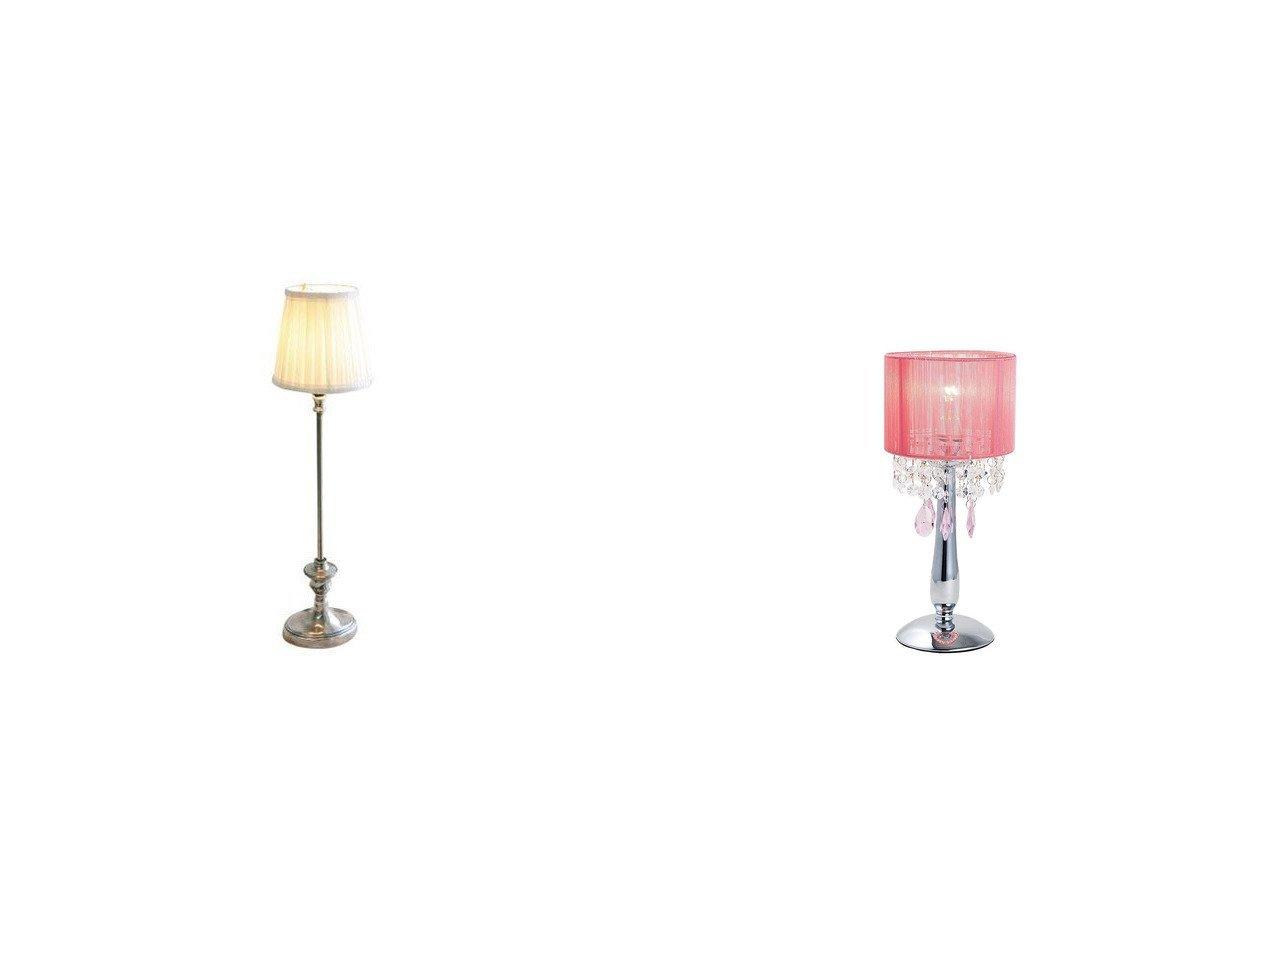 【FLYMEe Blanc/フライミー ブラン】のデスクライト m31159&オーバルベース・シェードランプ 【FURNITURE ライト・照明】おすすめ!人気、インテリア雑貨・家具の通販 おすすめで人気の流行・トレンド、ファッションの通販商品 インテリア・家具・メンズファッション・キッズファッション・レディースファッション・服の通販 founy(ファニー) https://founy.com/ 送料無料 Free Shipping アンティーク エレガント シルバー テーブル 切替 おすすめ Recommend ガラス デスク ホーム・キャンプ・アウトドア Home,Garden,Outdoor,Camping Gear 家具・インテリア Furniture ライト・照明 Lighting & Light Fixtures ホーム・キャンプ・アウトドア Home,Garden,Outdoor,Camping Gear 家具・インテリア Furniture ライト・照明 Lighting & Light Fixtures デスクライト・テーブルライト  ID:crp329100000052357